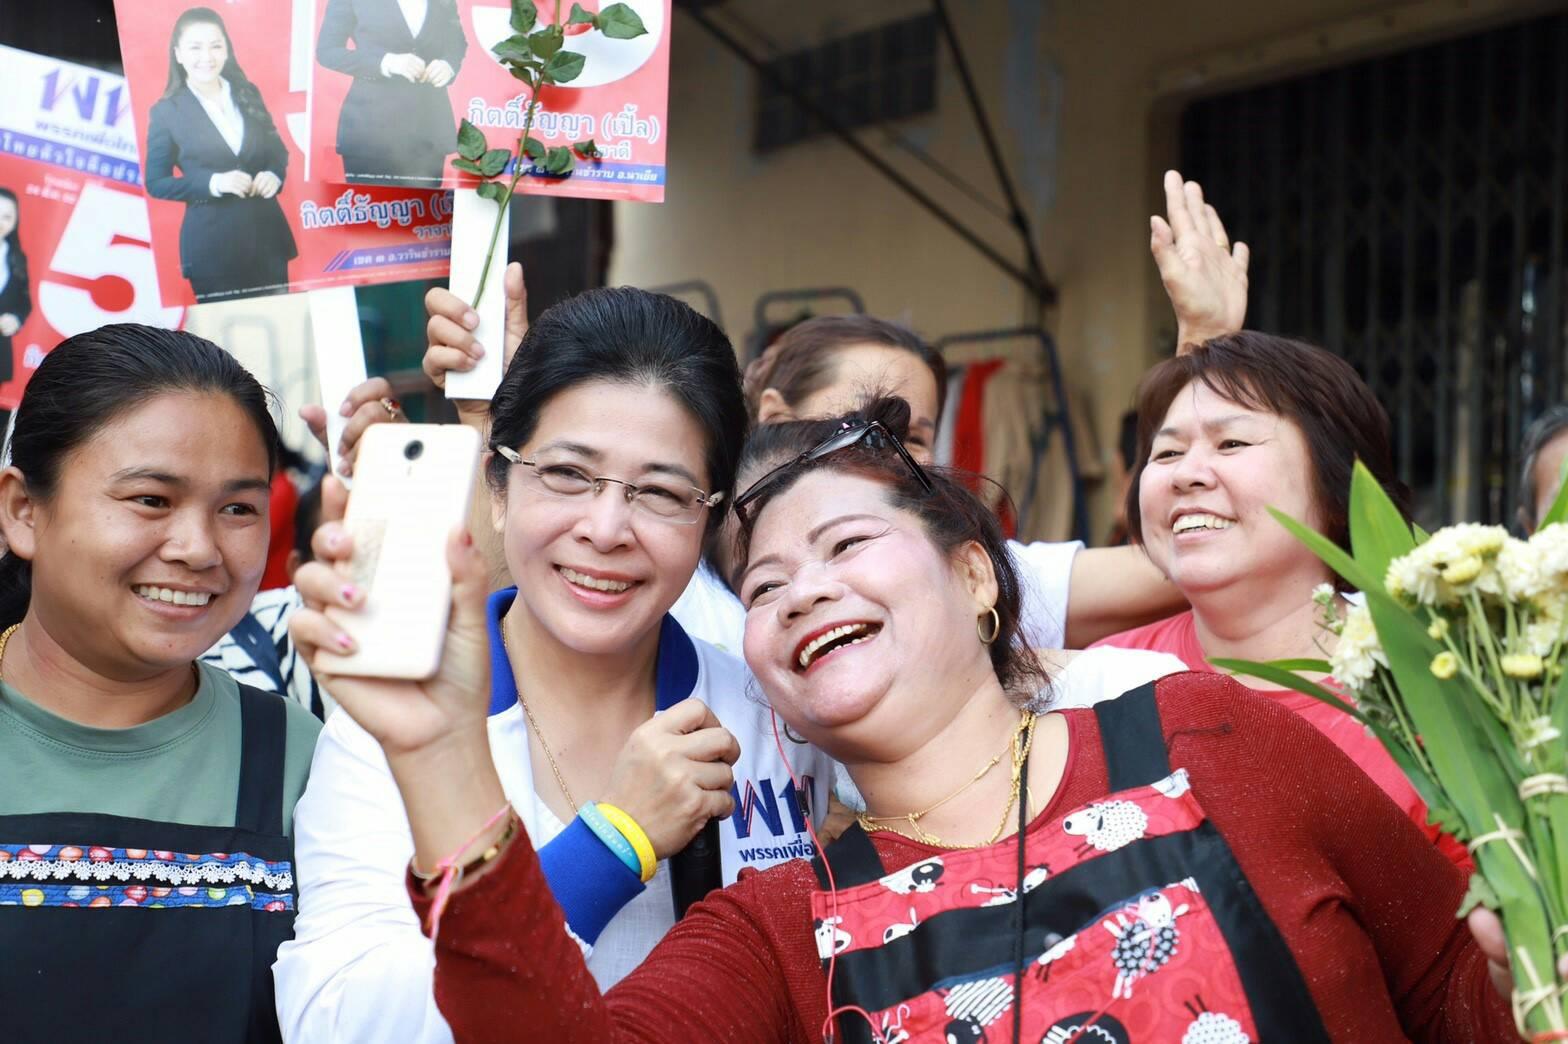 พรรคเพื่อไทย สุดารัตน์ เกยุราพันธุ์ เลือกตั้ง 62